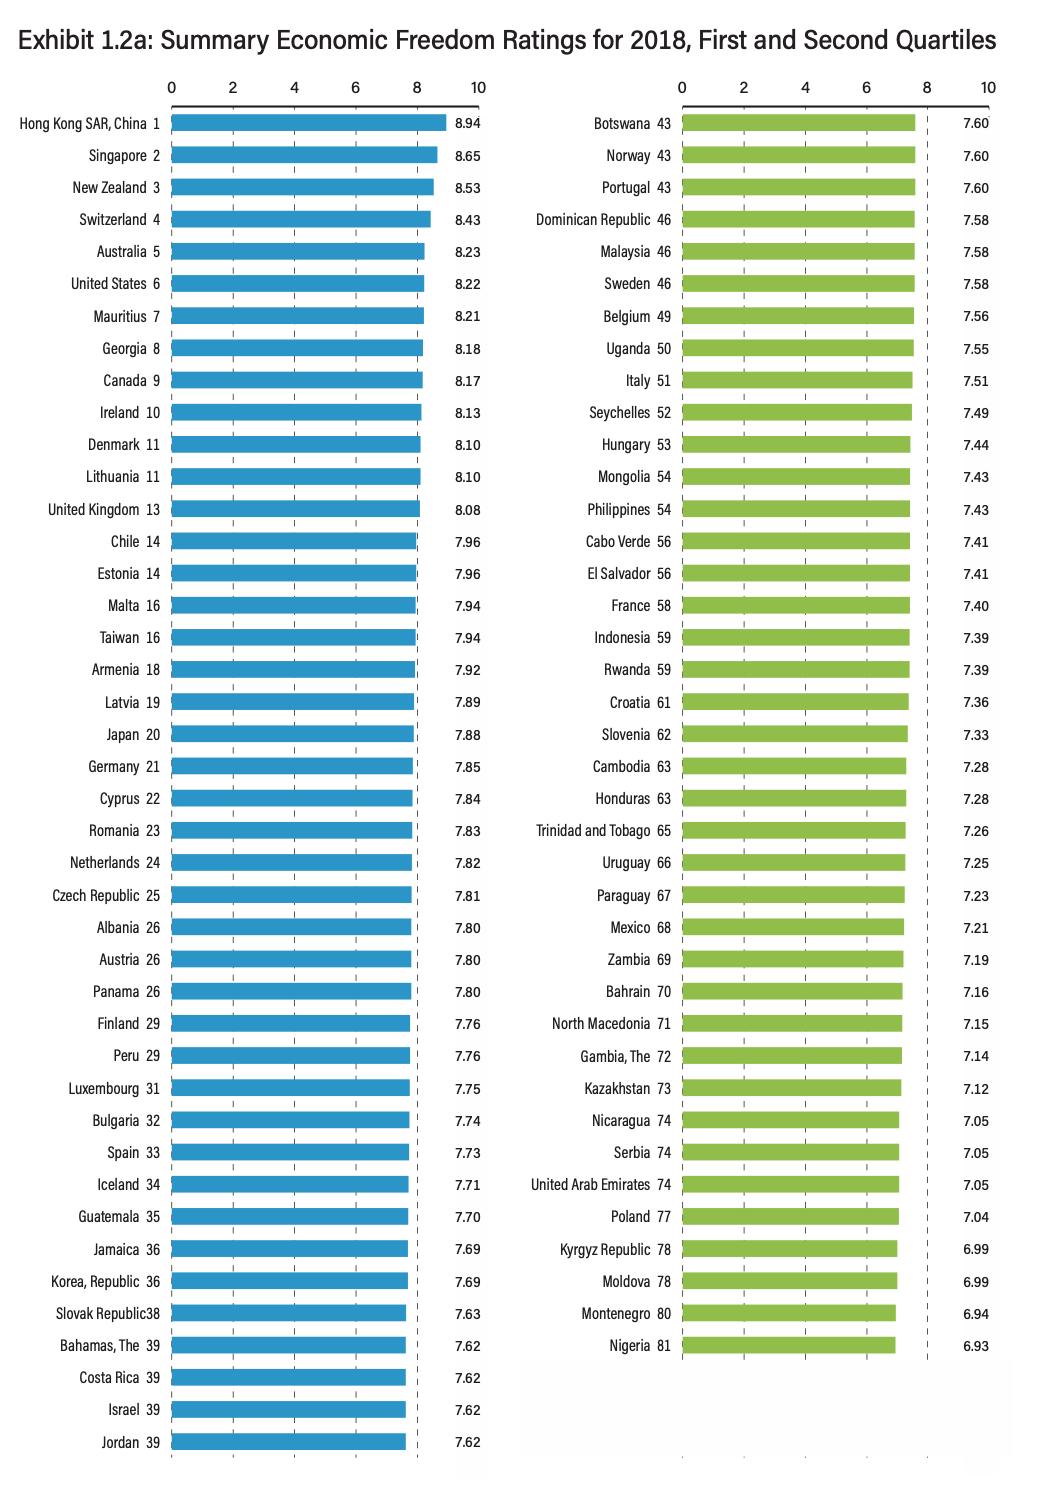 indice-fraser-libertad-economica-2020-datos-2018-1.png